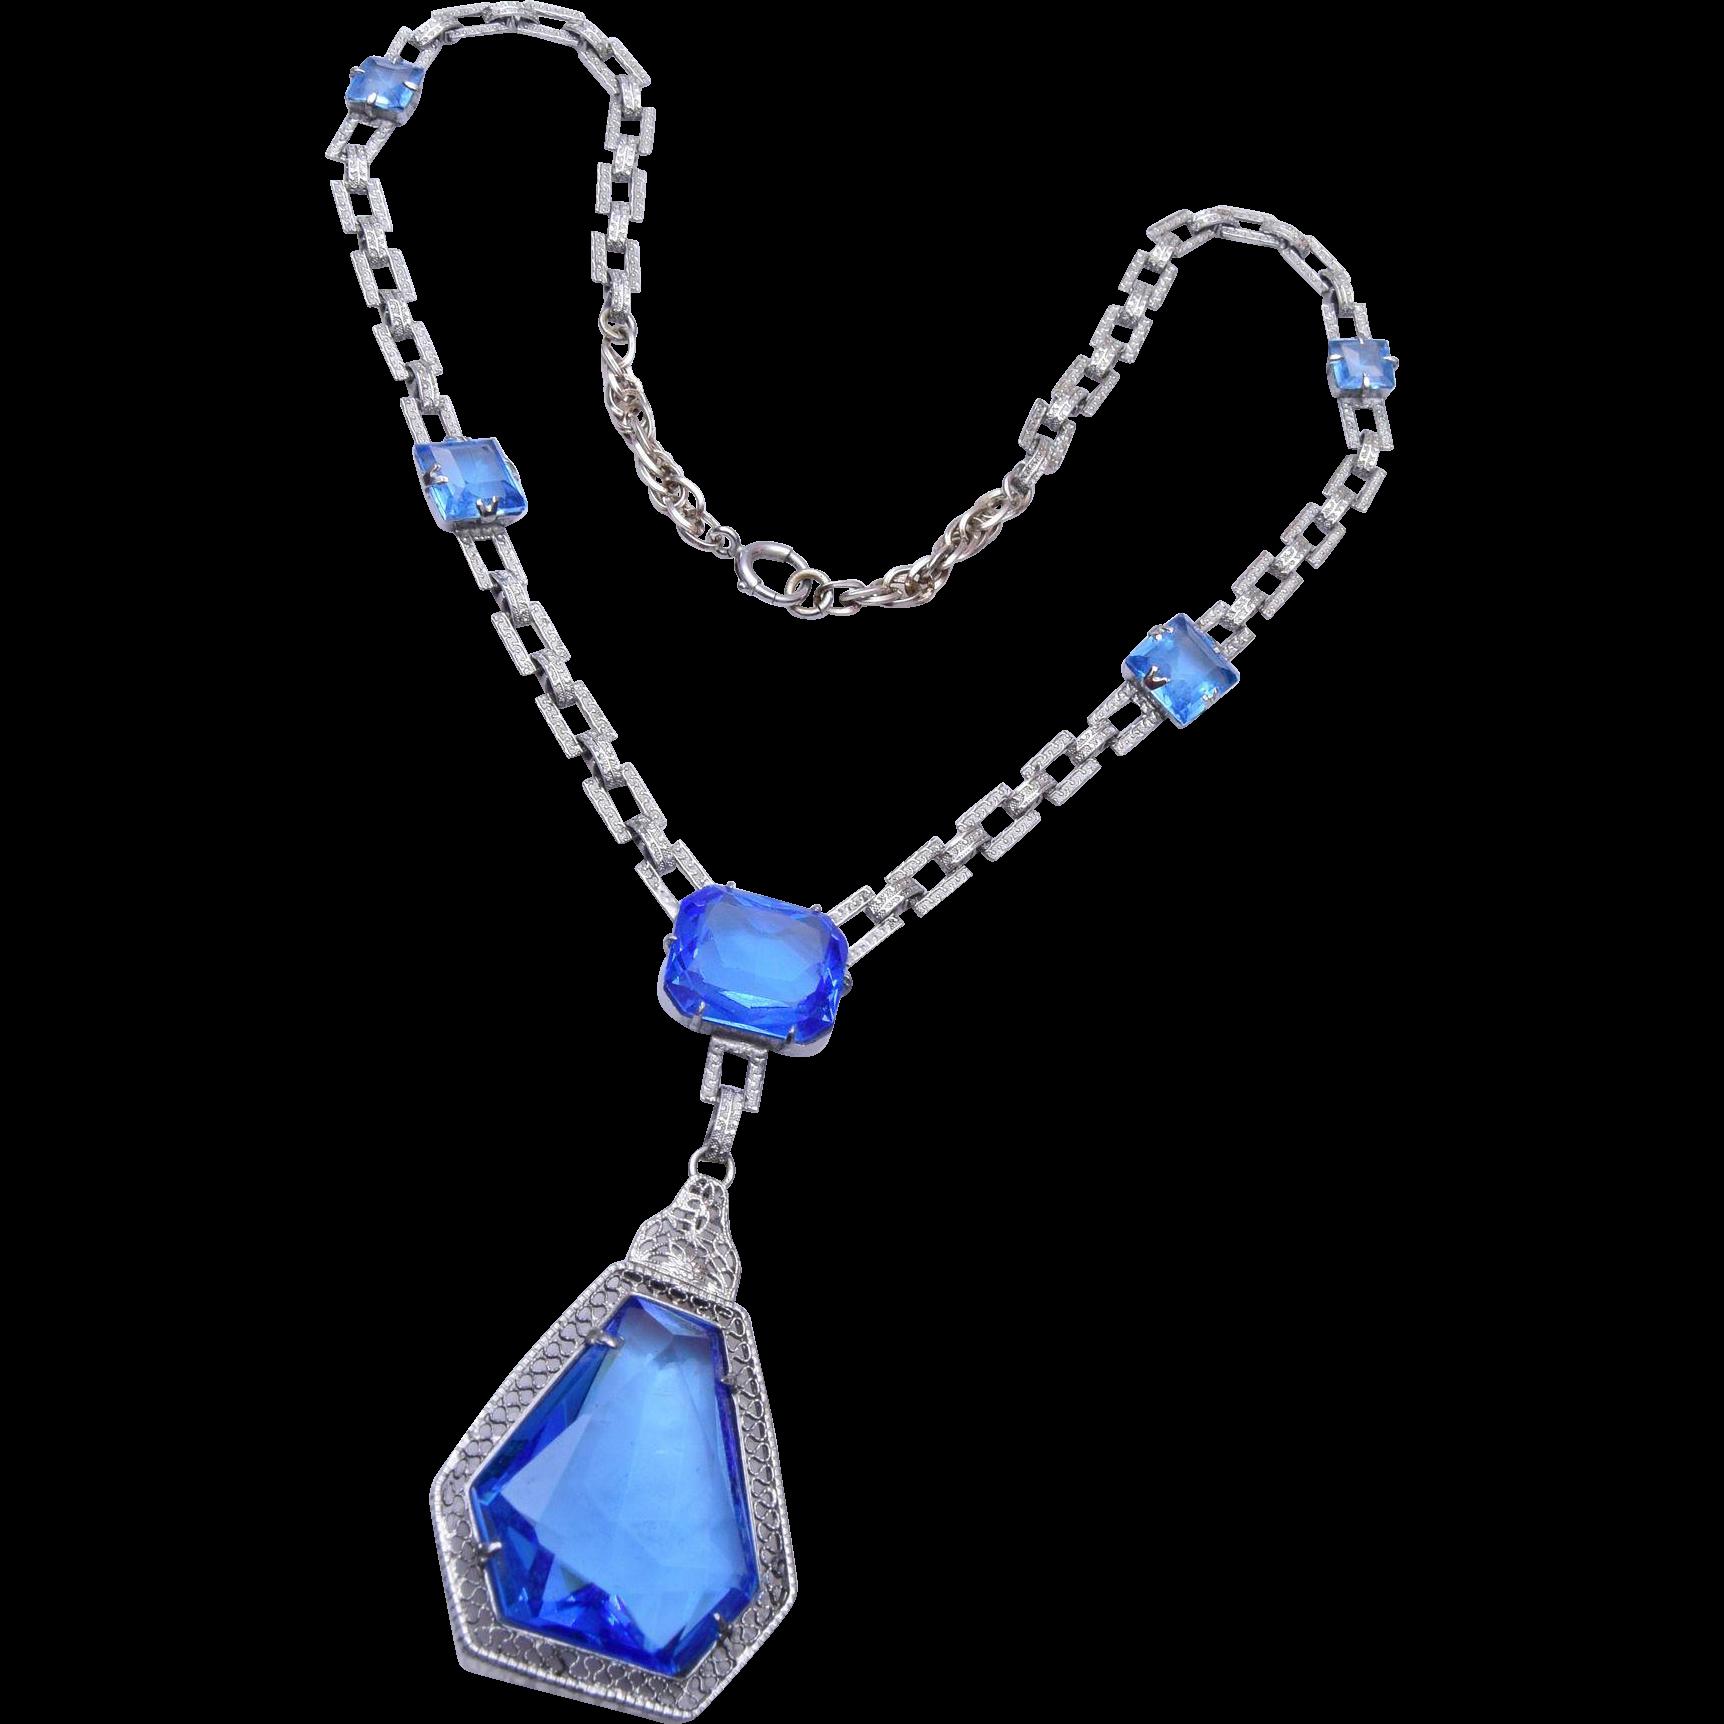 Exceptional Blue Art Deco Necklace